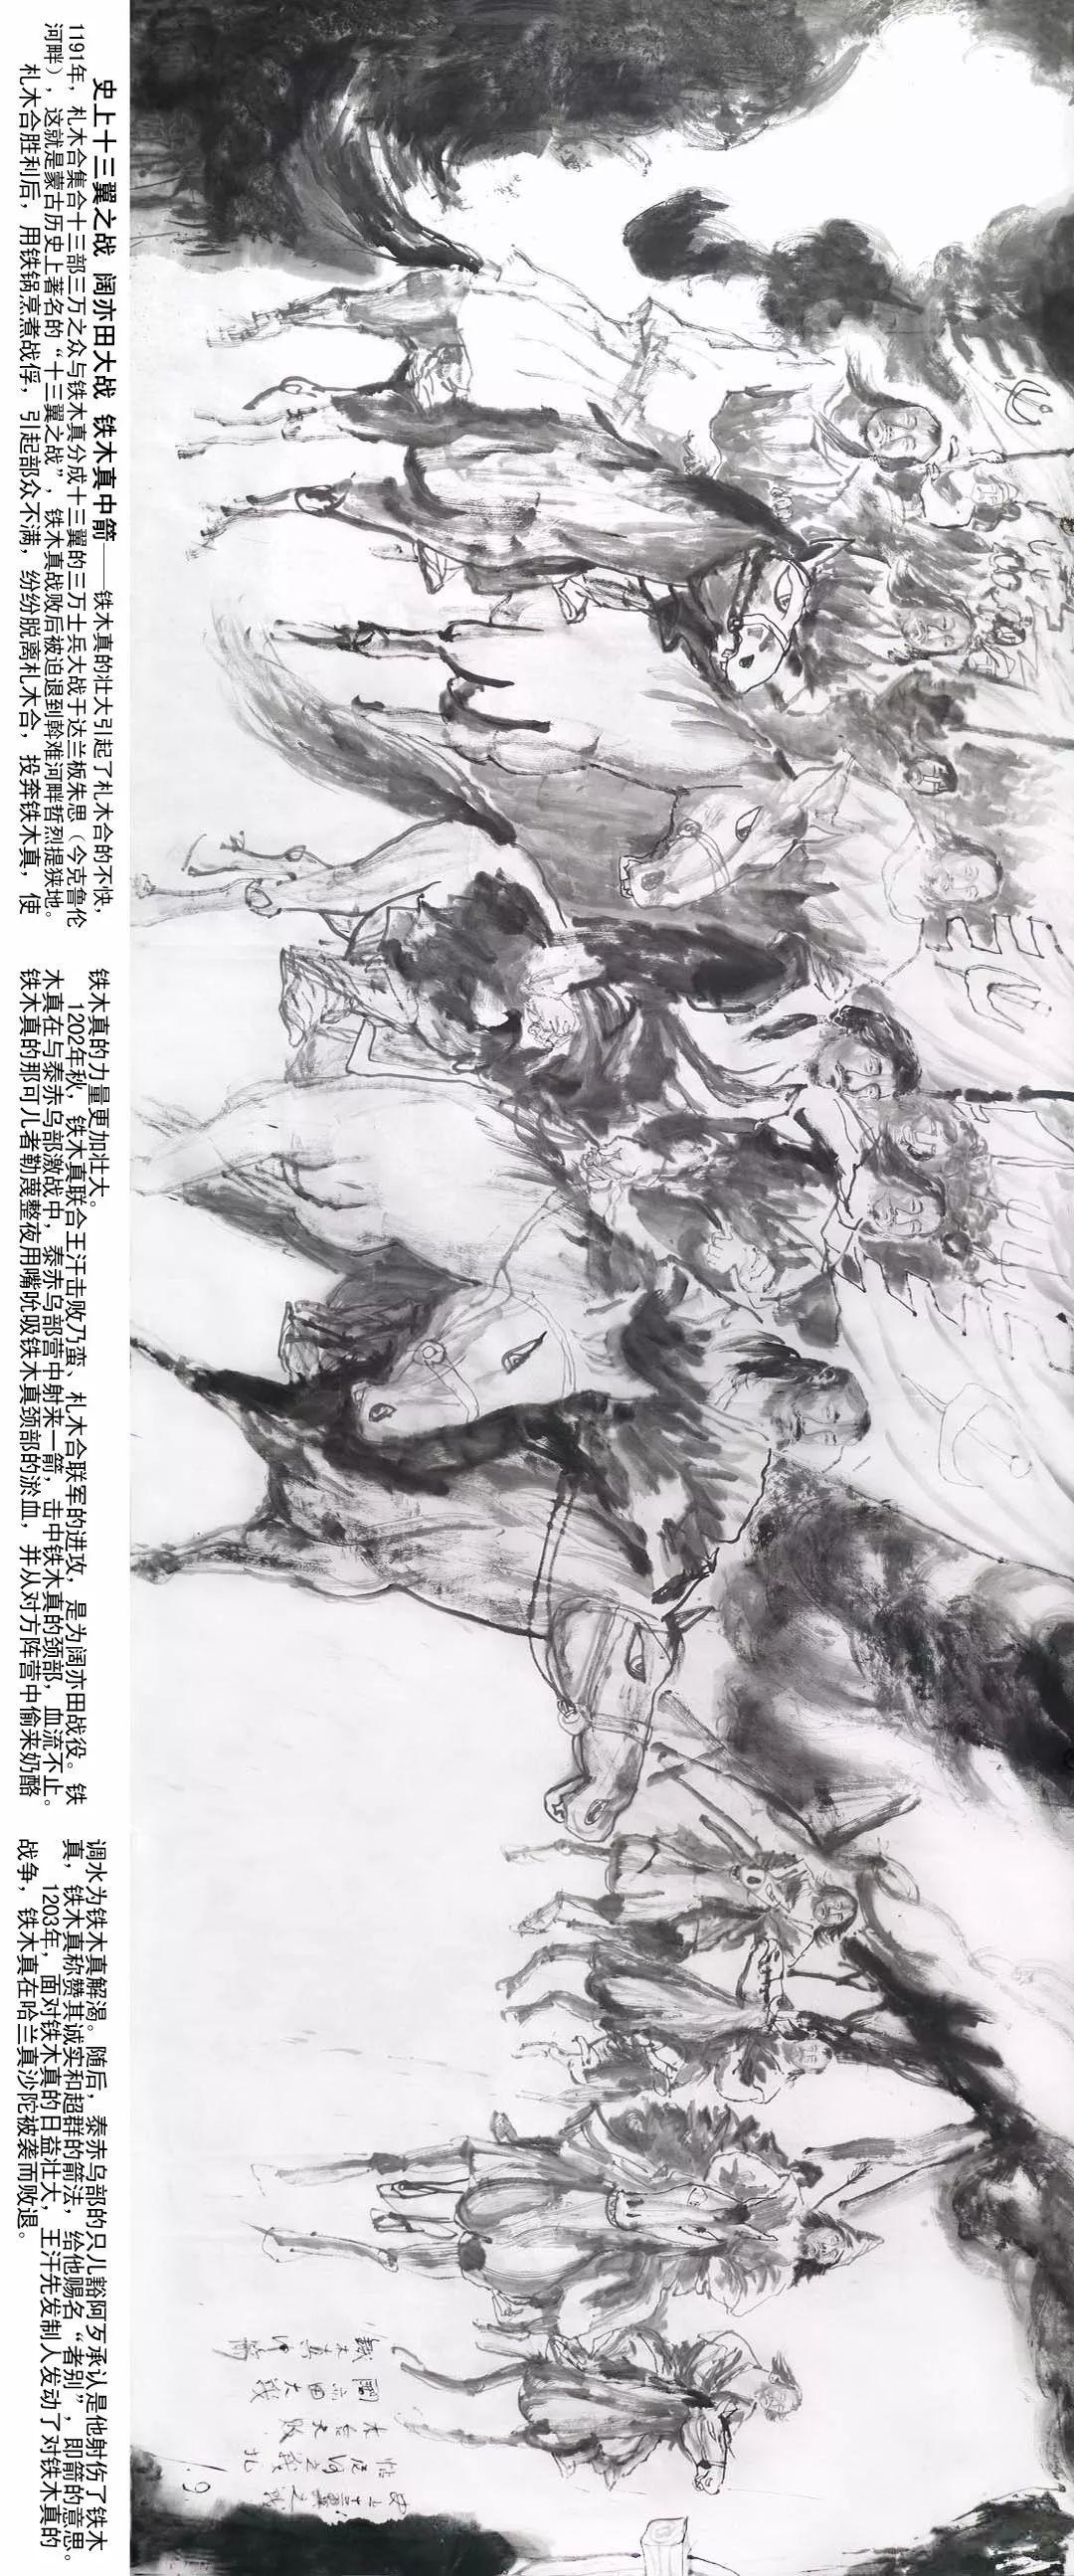 【经典】《蒙古魂》国画写意,大师所创,值得收藏。 第7张